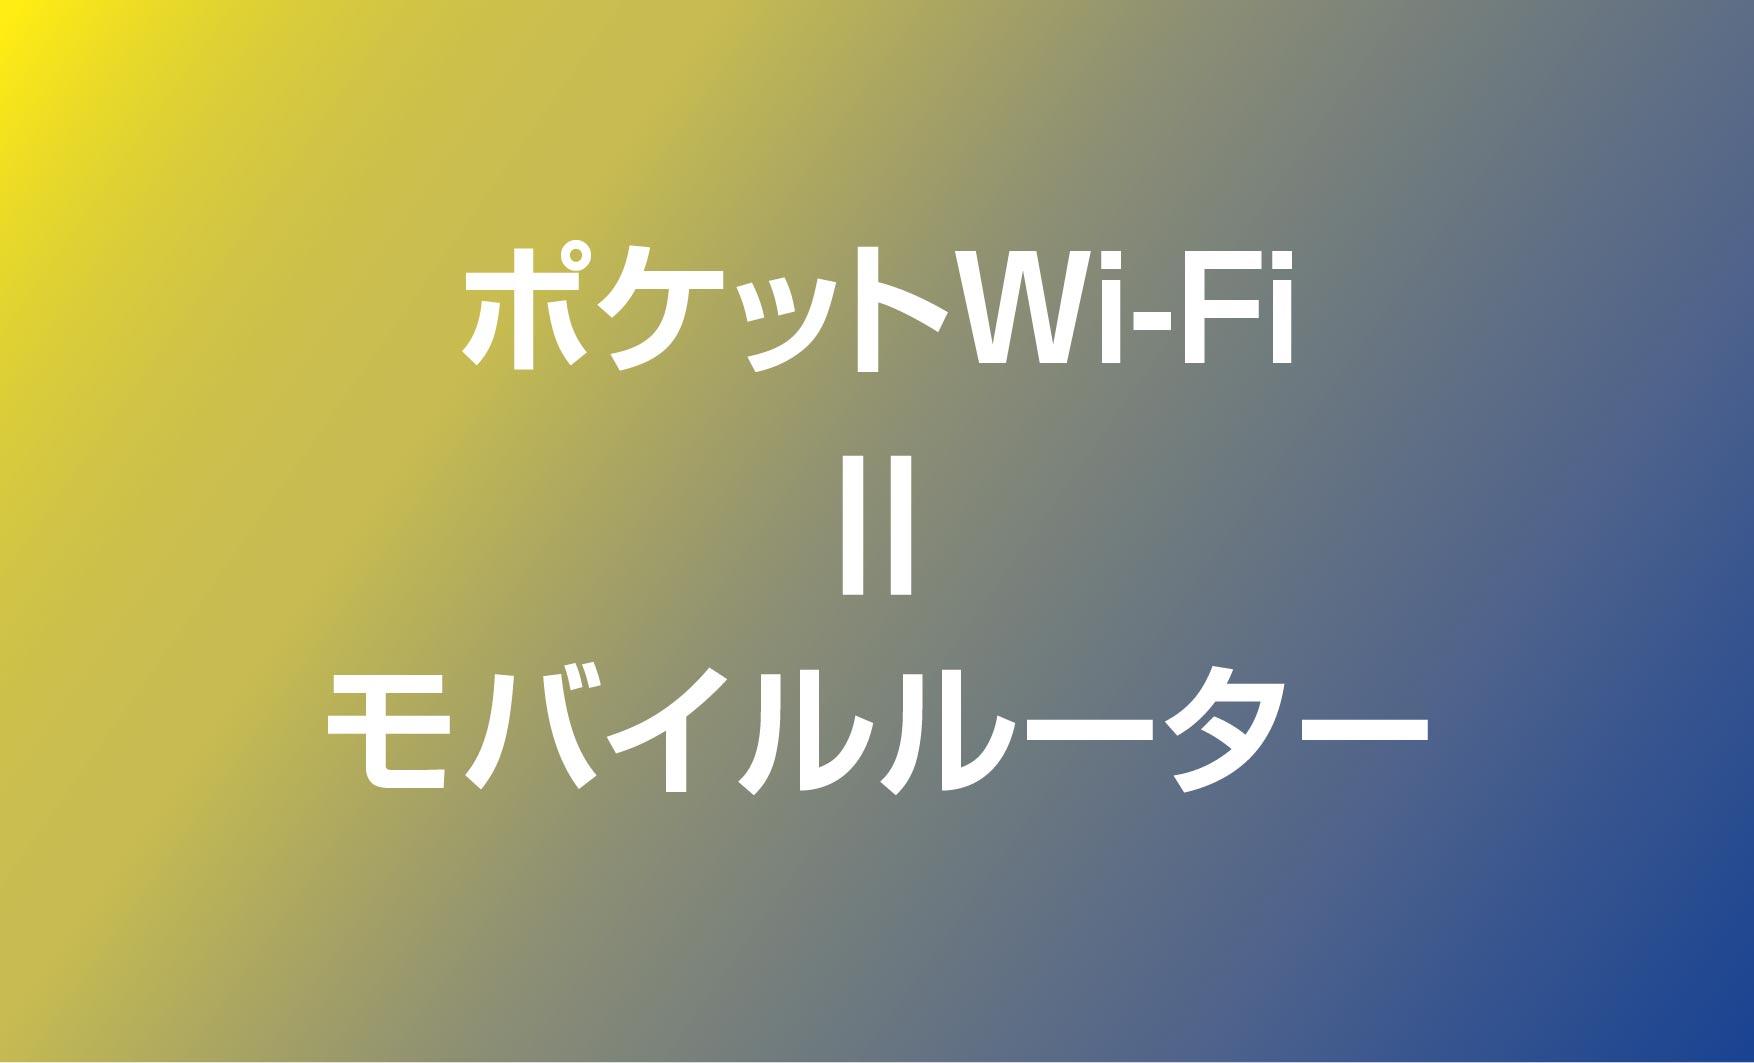 ポケットWiFi=モバイルルーター